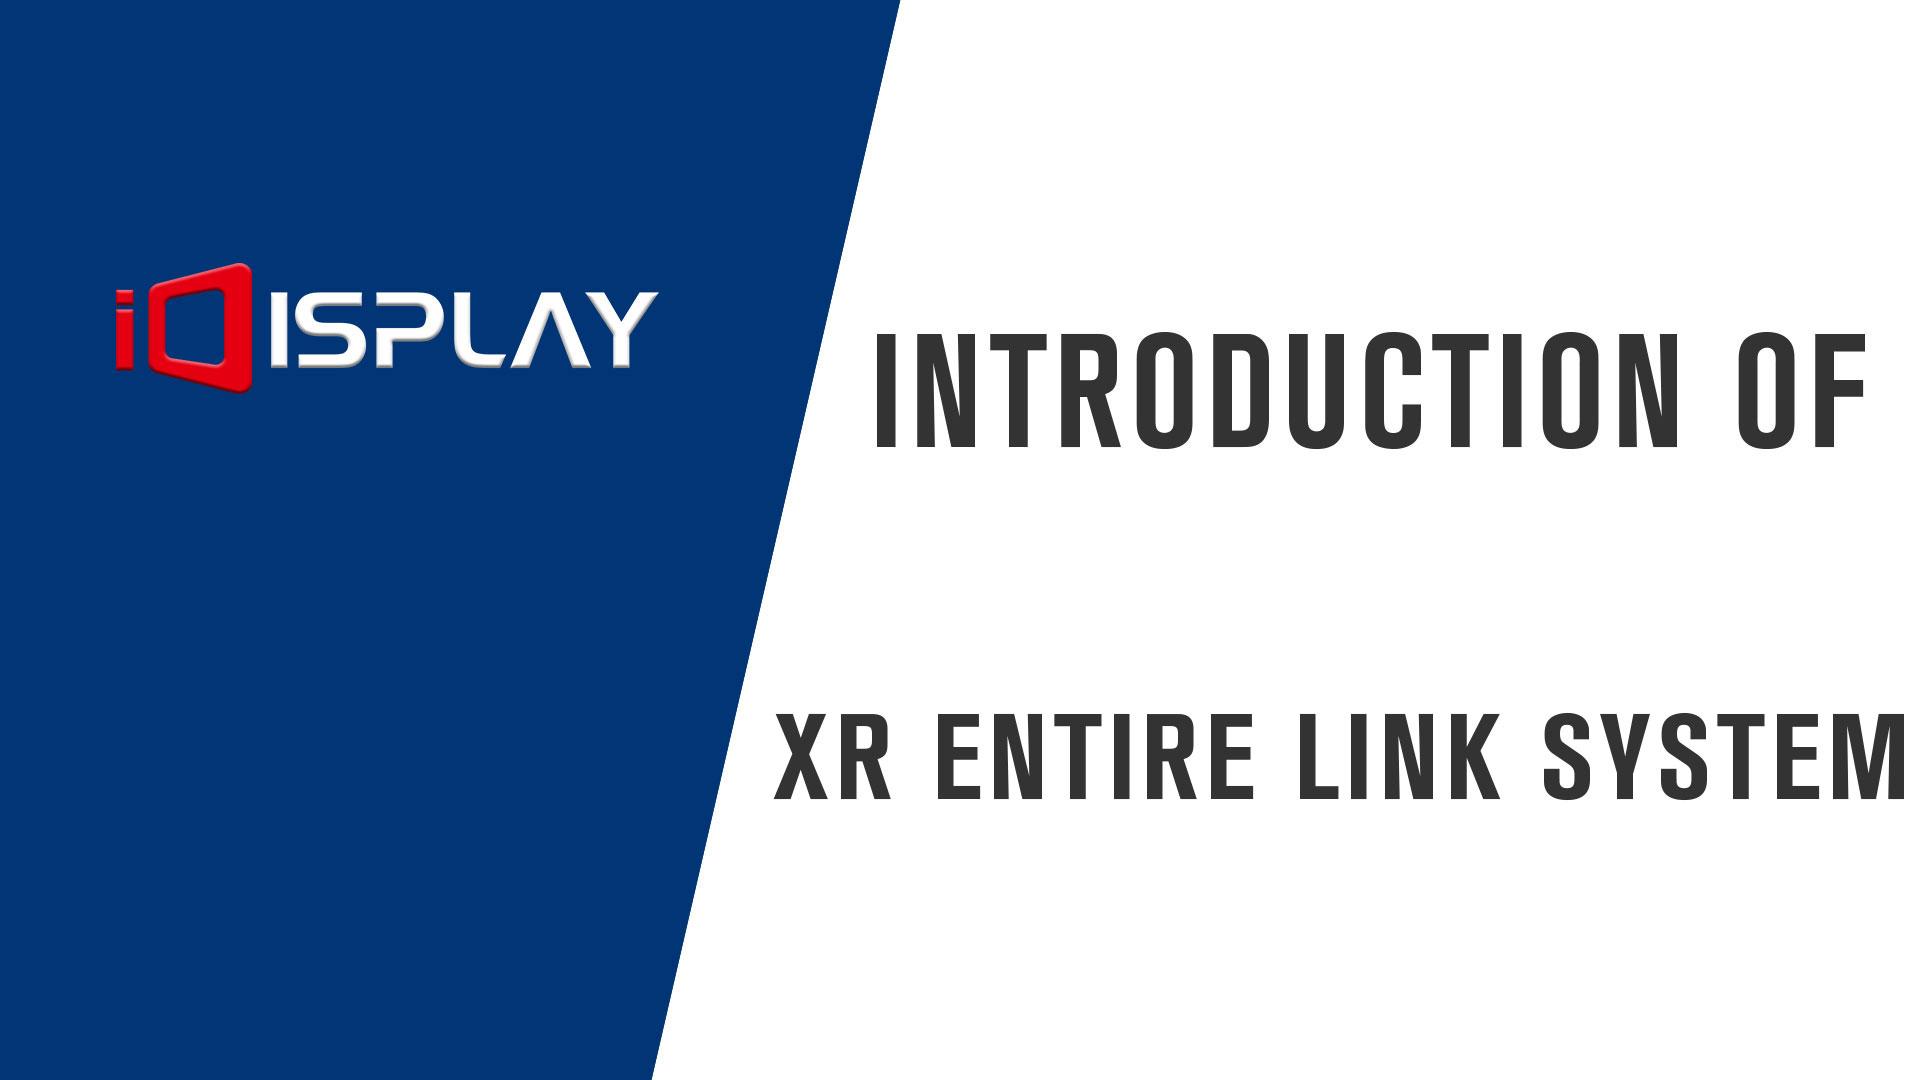 xr tüm bağlantı sisteminin tanıtımı